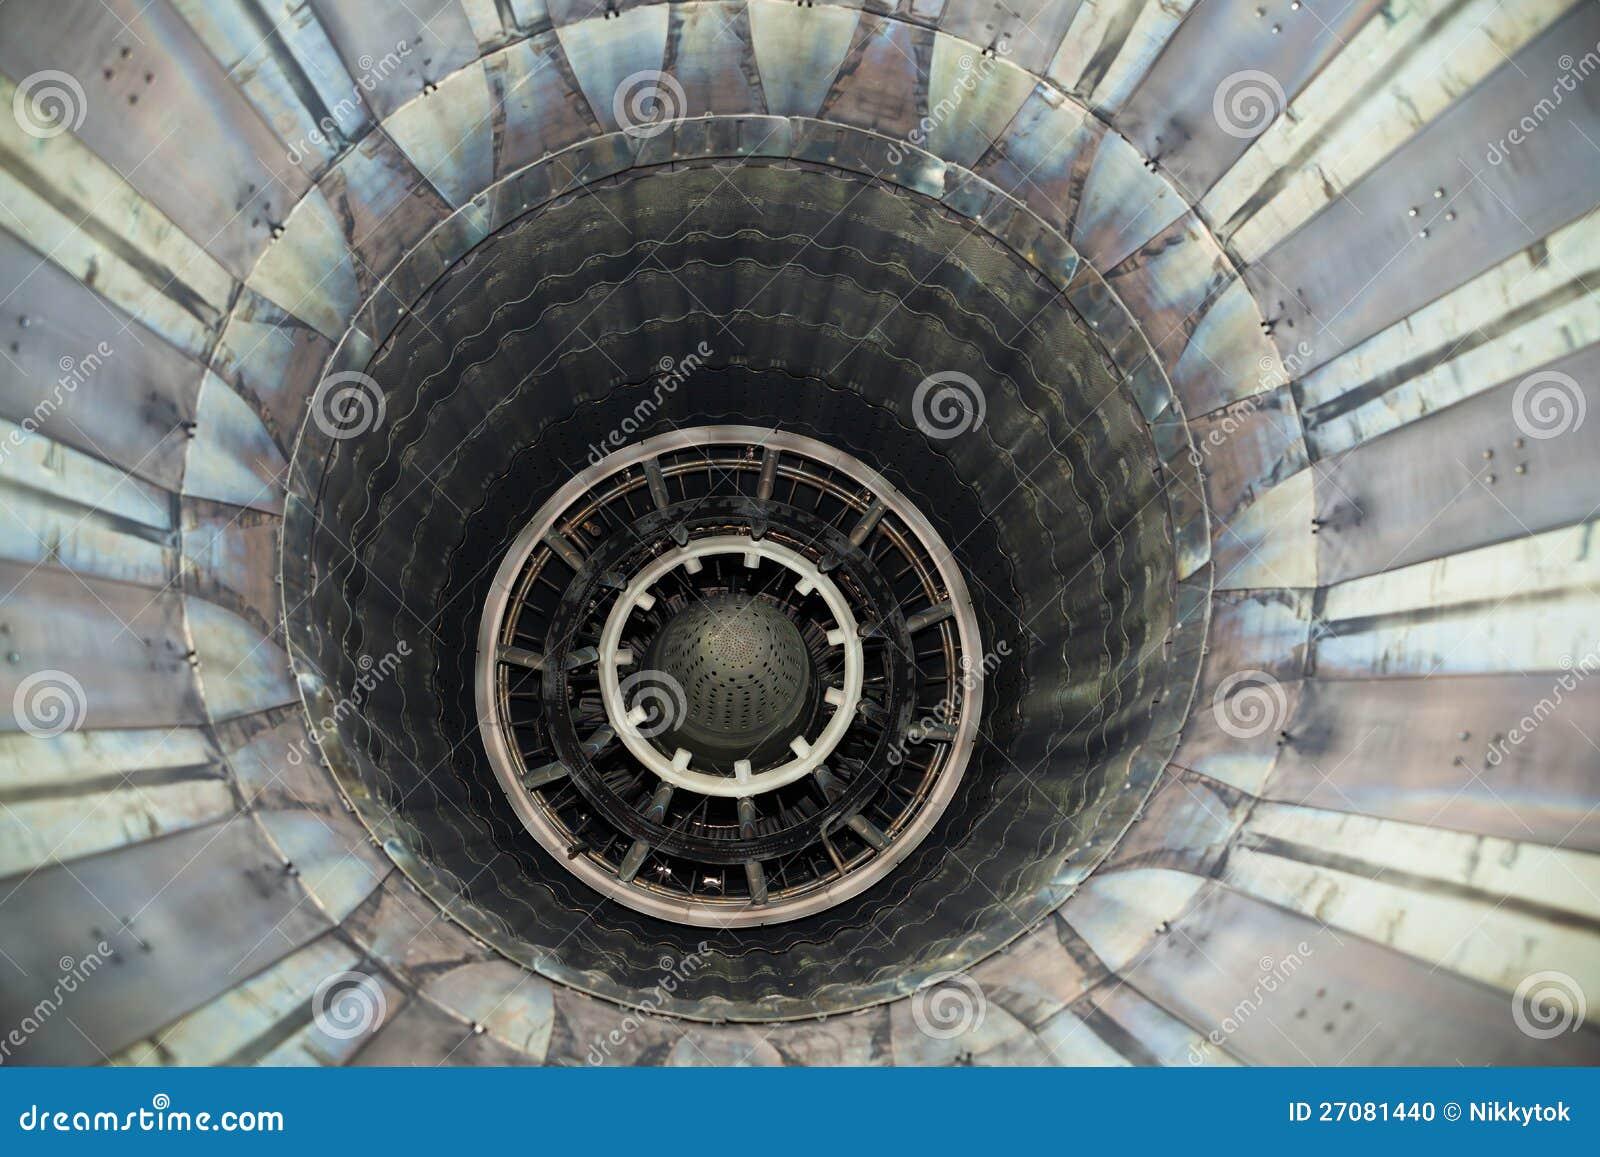 Jet engine nozzle stock photo image